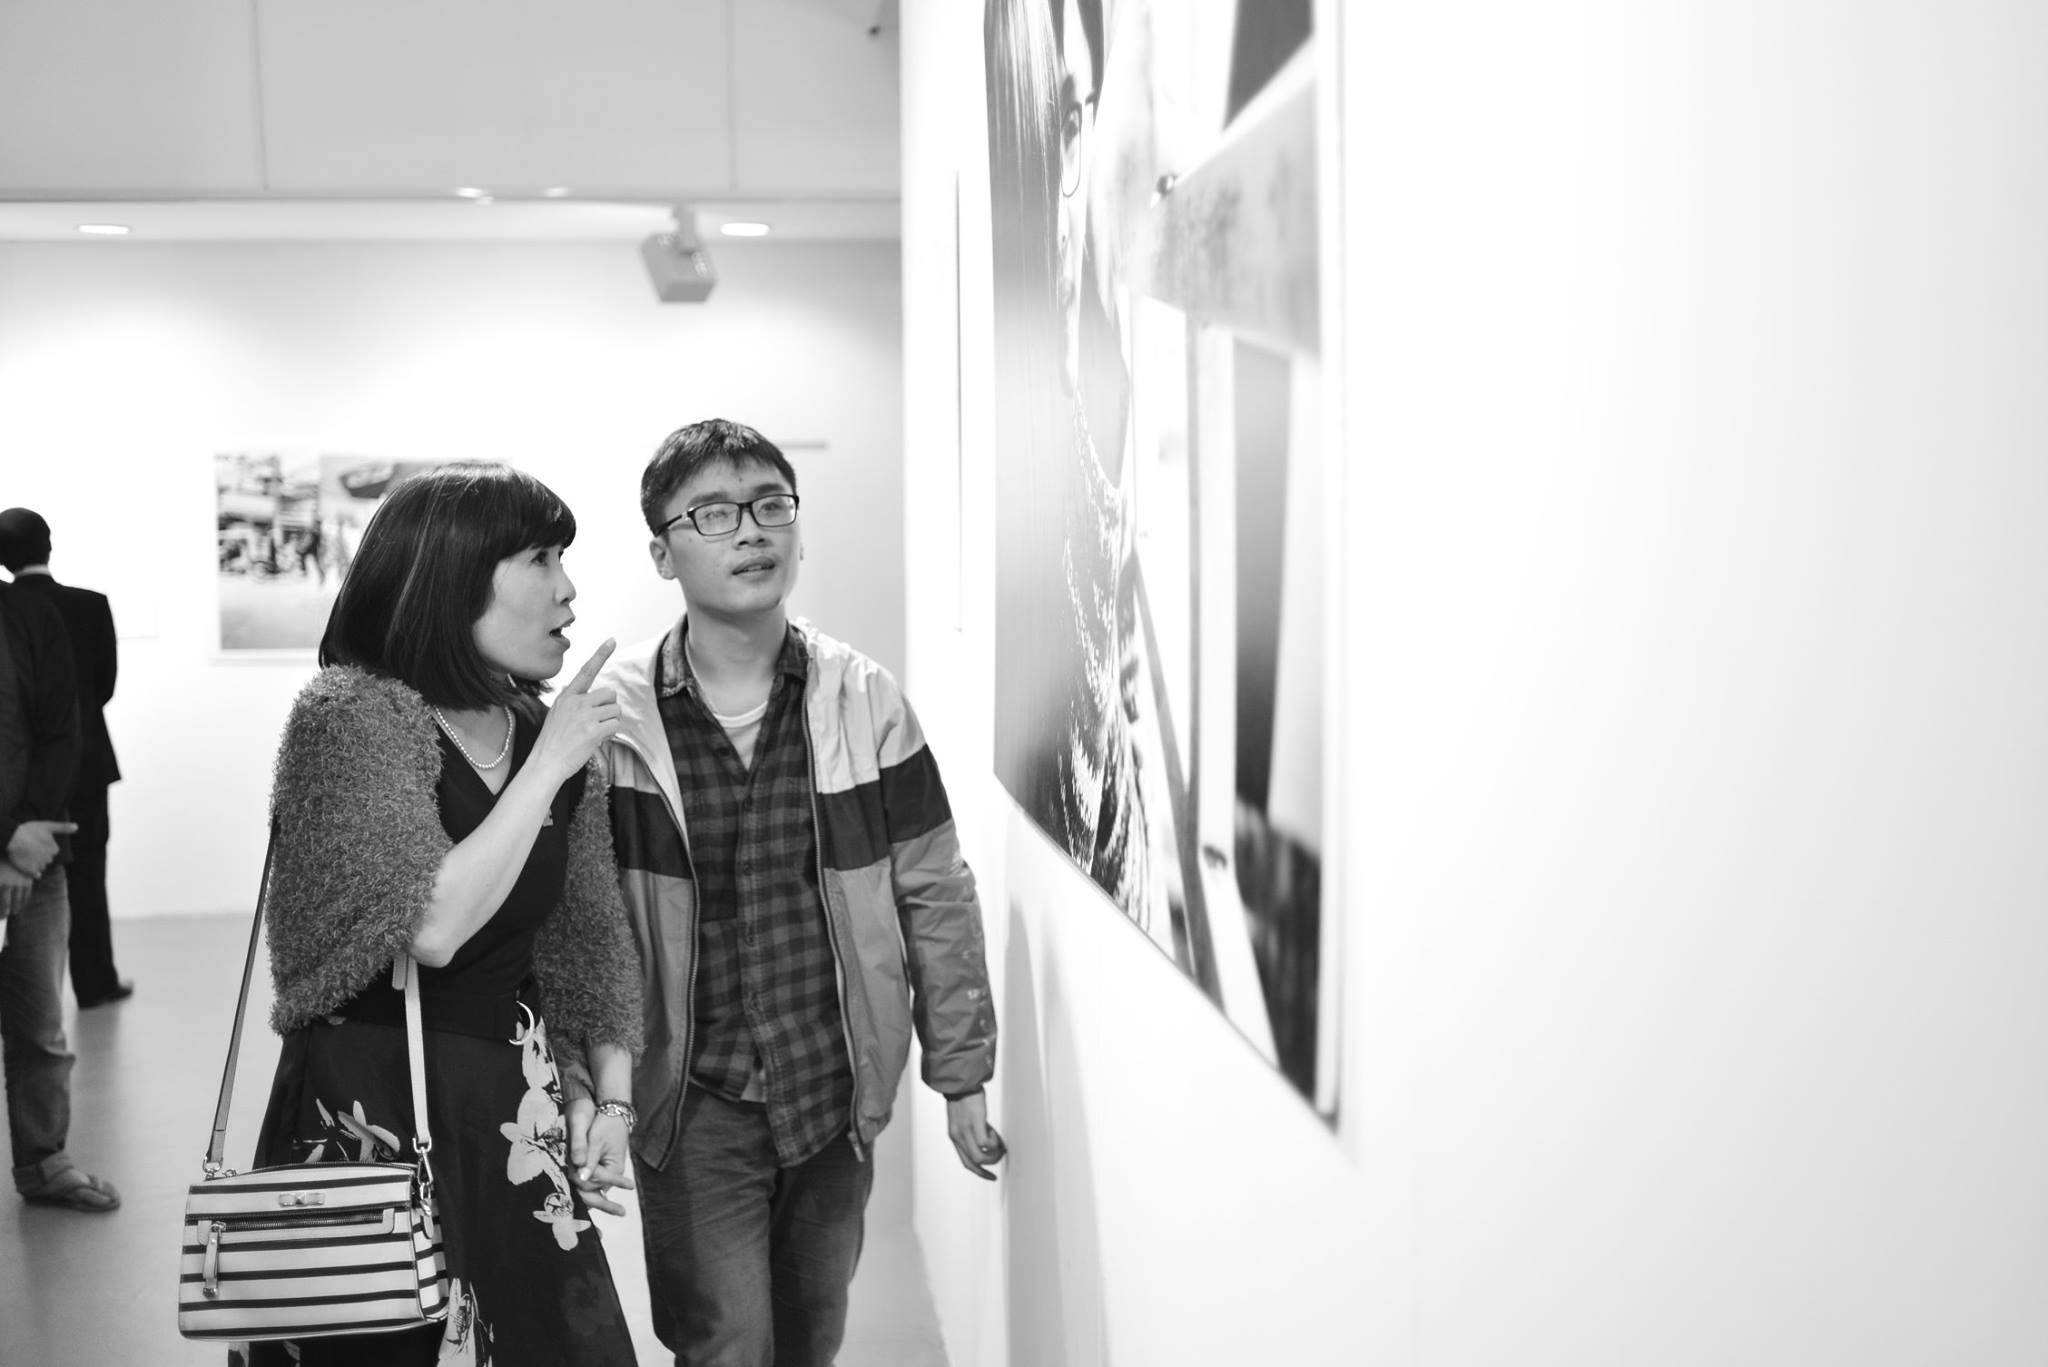 Triển lãm ảnh Nhìn - Picturing Autism: Tự kỷ qua lăng kính nghệ thuật